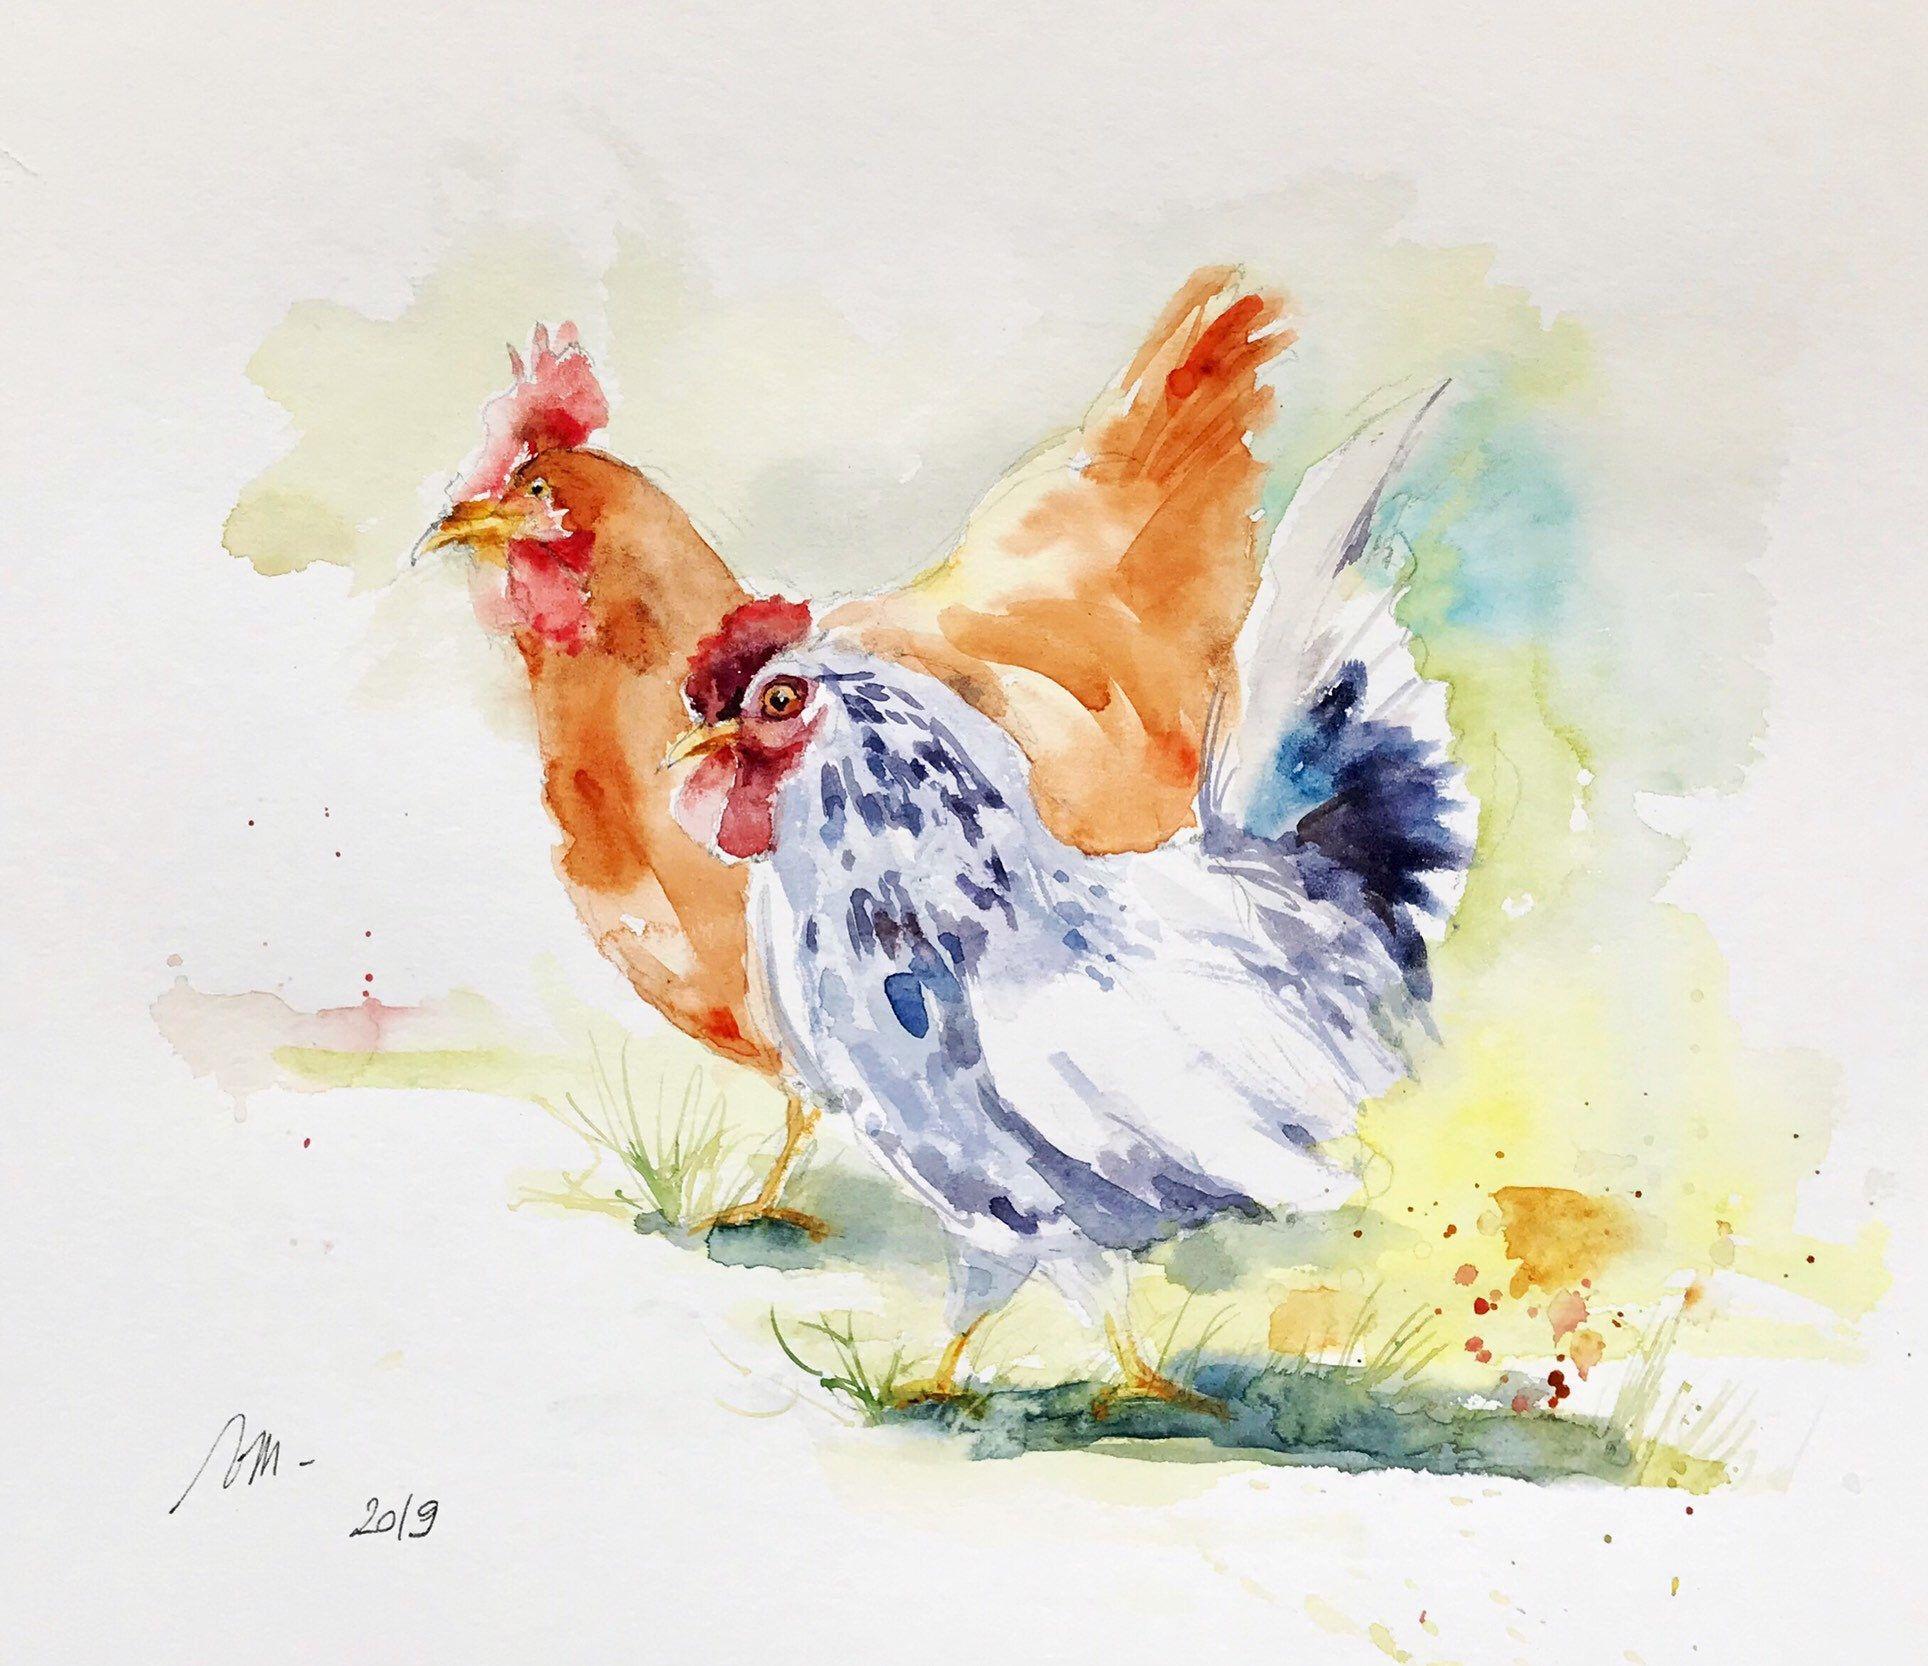 Aquarelle Peinture Originale Deux Volailles Animaux Oiseaux